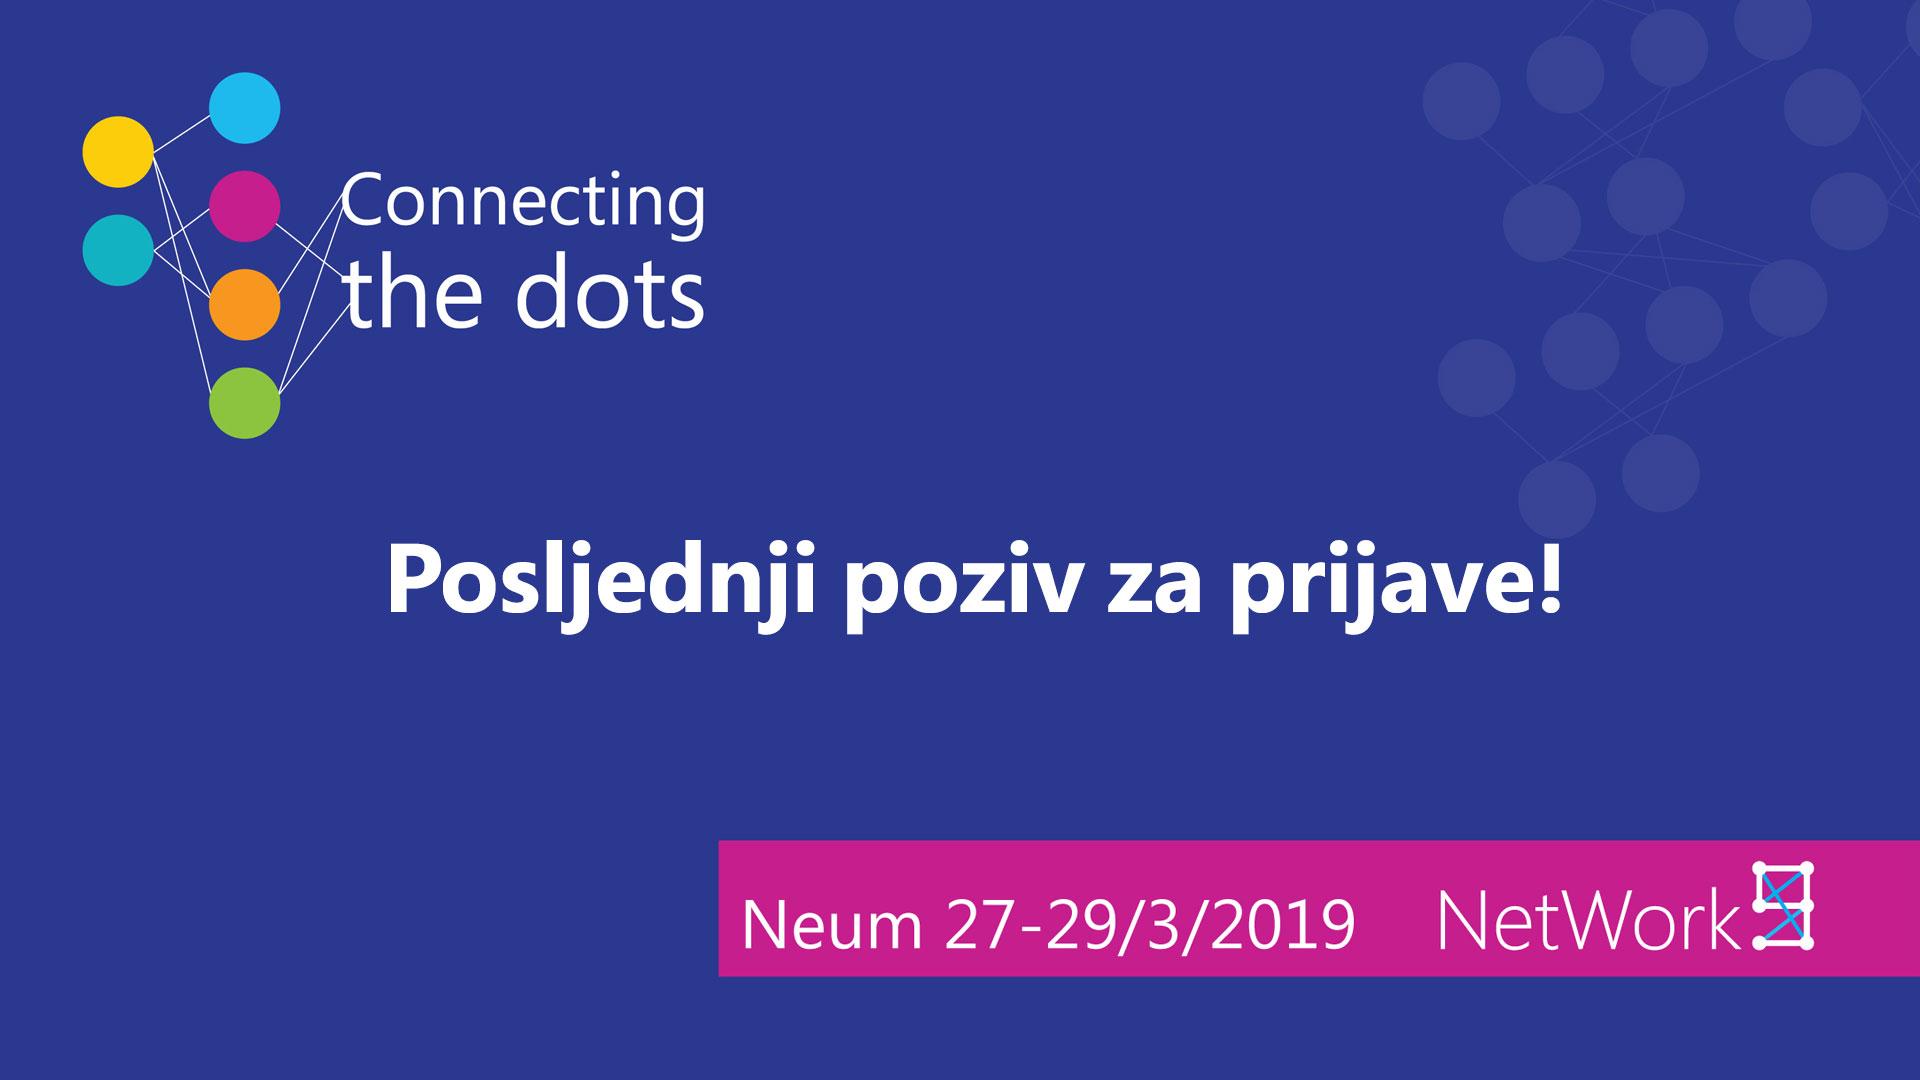 Posljednja prilika za prijave na NetWork 9 konferenciju